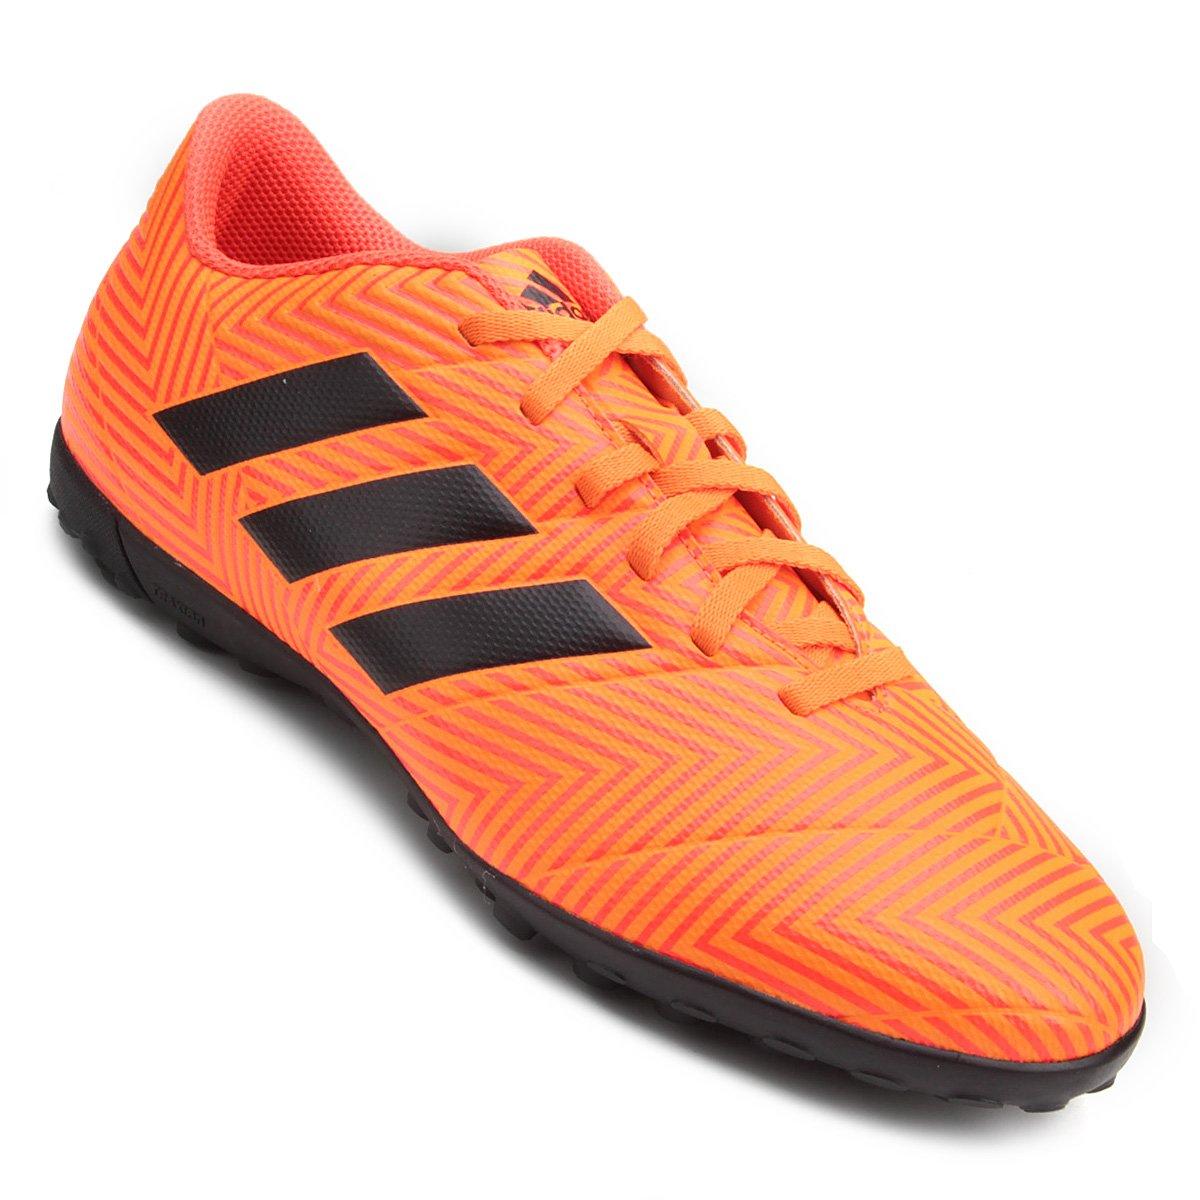 0cddc3d78e1d4 Chuteira Society Adidas Nemeziz Tango 18 4 TF - Laranja e Preto - Compre  Agora